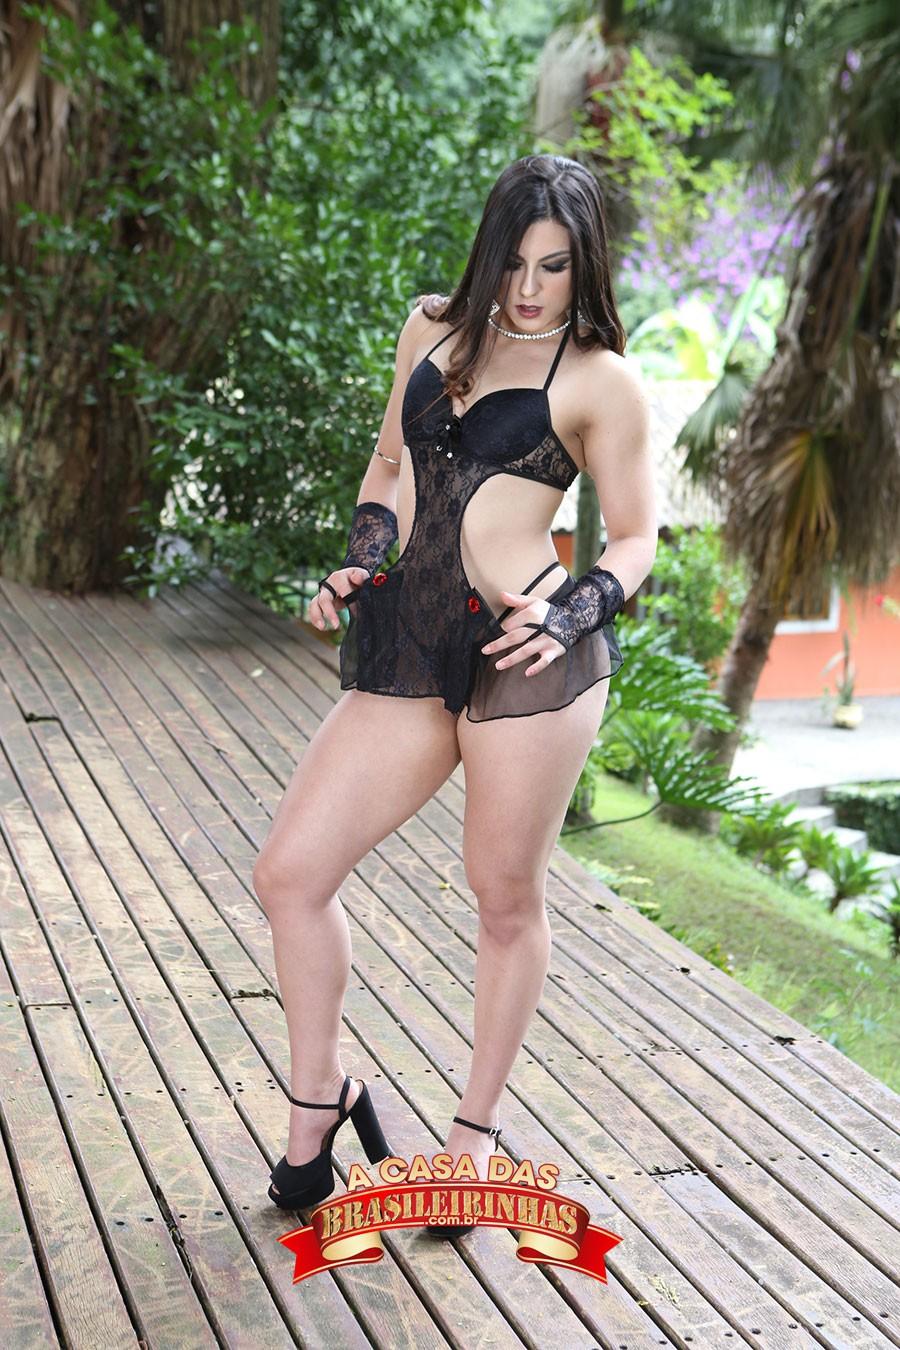 Ellen-Duarte-estreando-no-porno.jpg